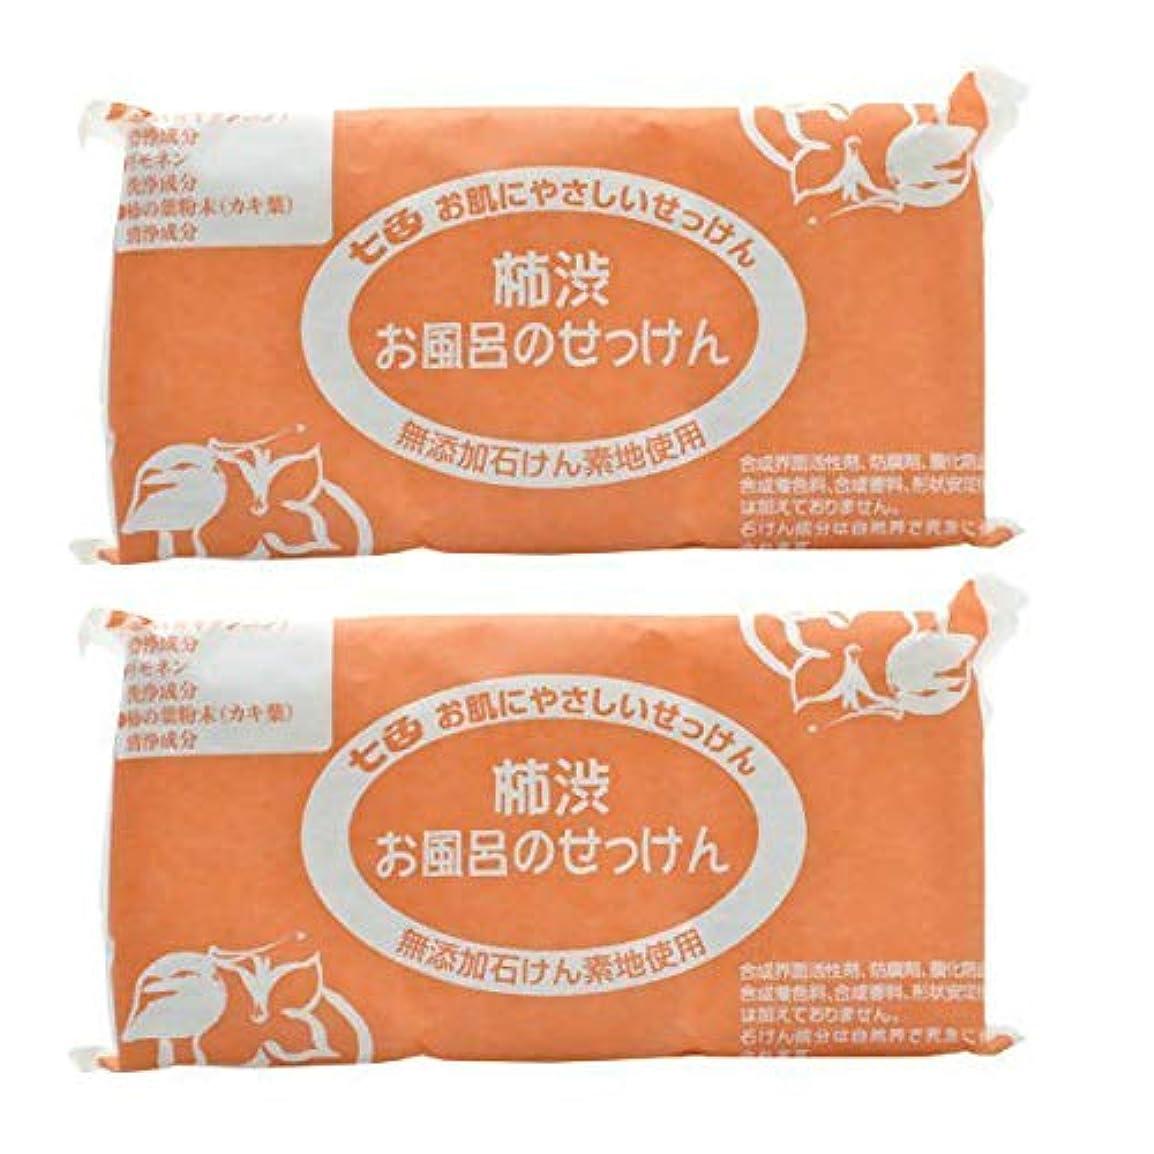 ハンサム計り知れないゆり七色 お風呂のせっけん 柿渋(無添加石鹸) 100g×3個入×2セット